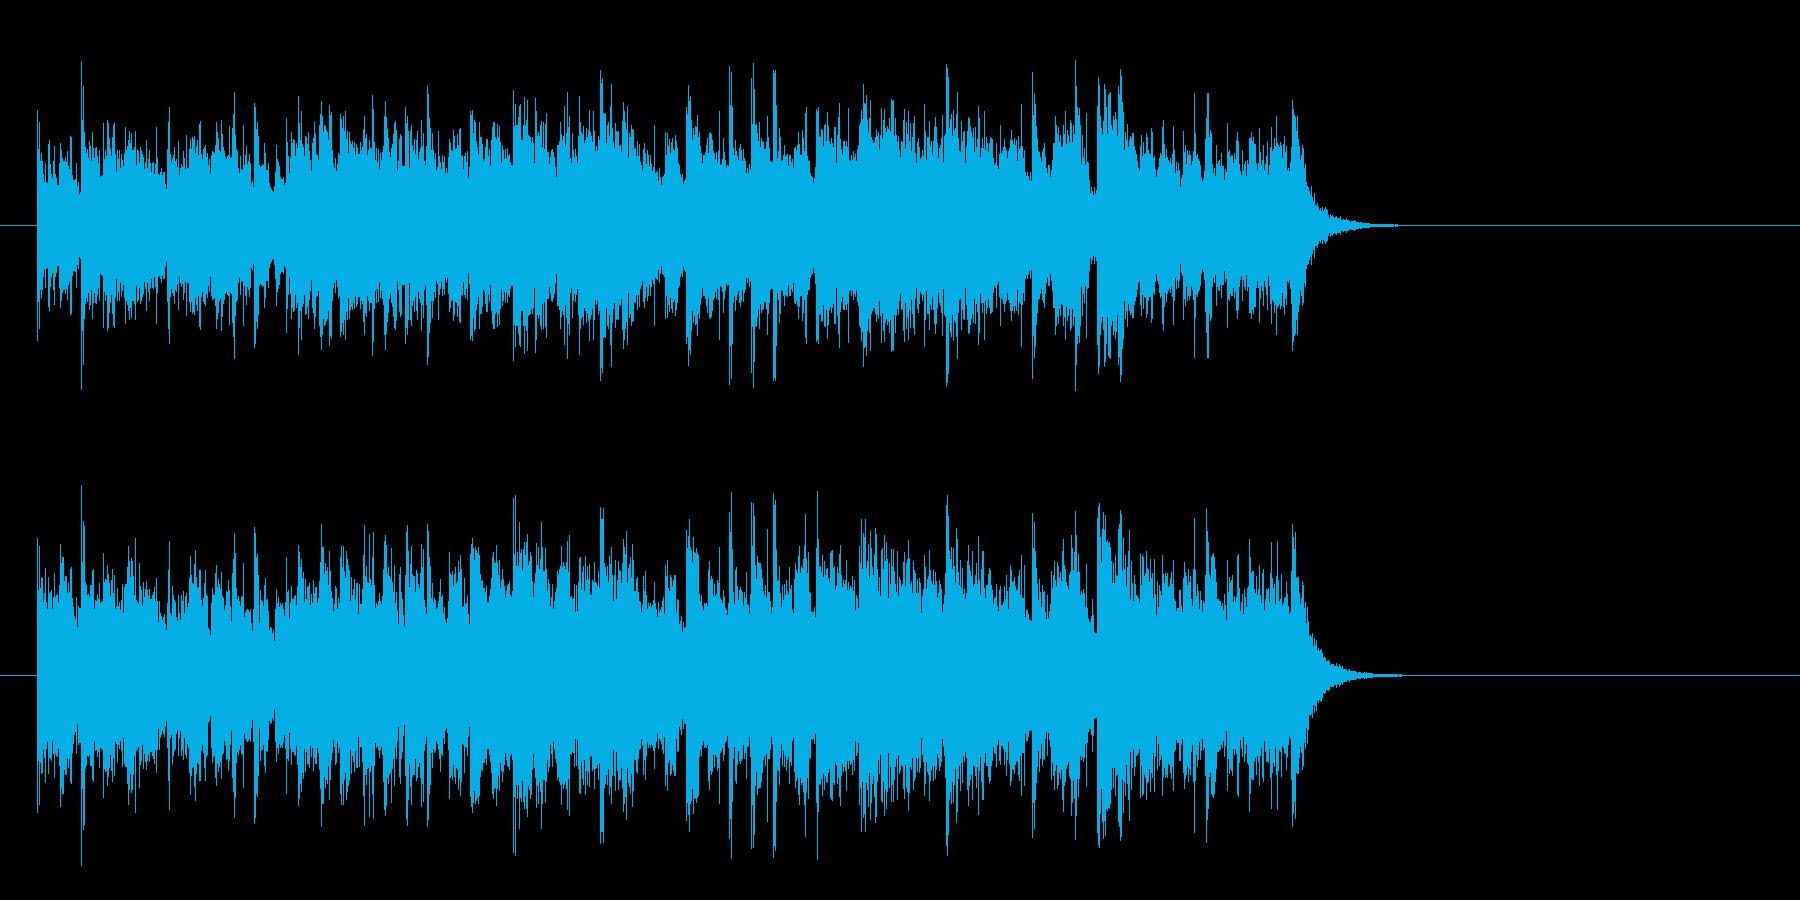 軽快なガールズポップス(サビ)の再生済みの波形